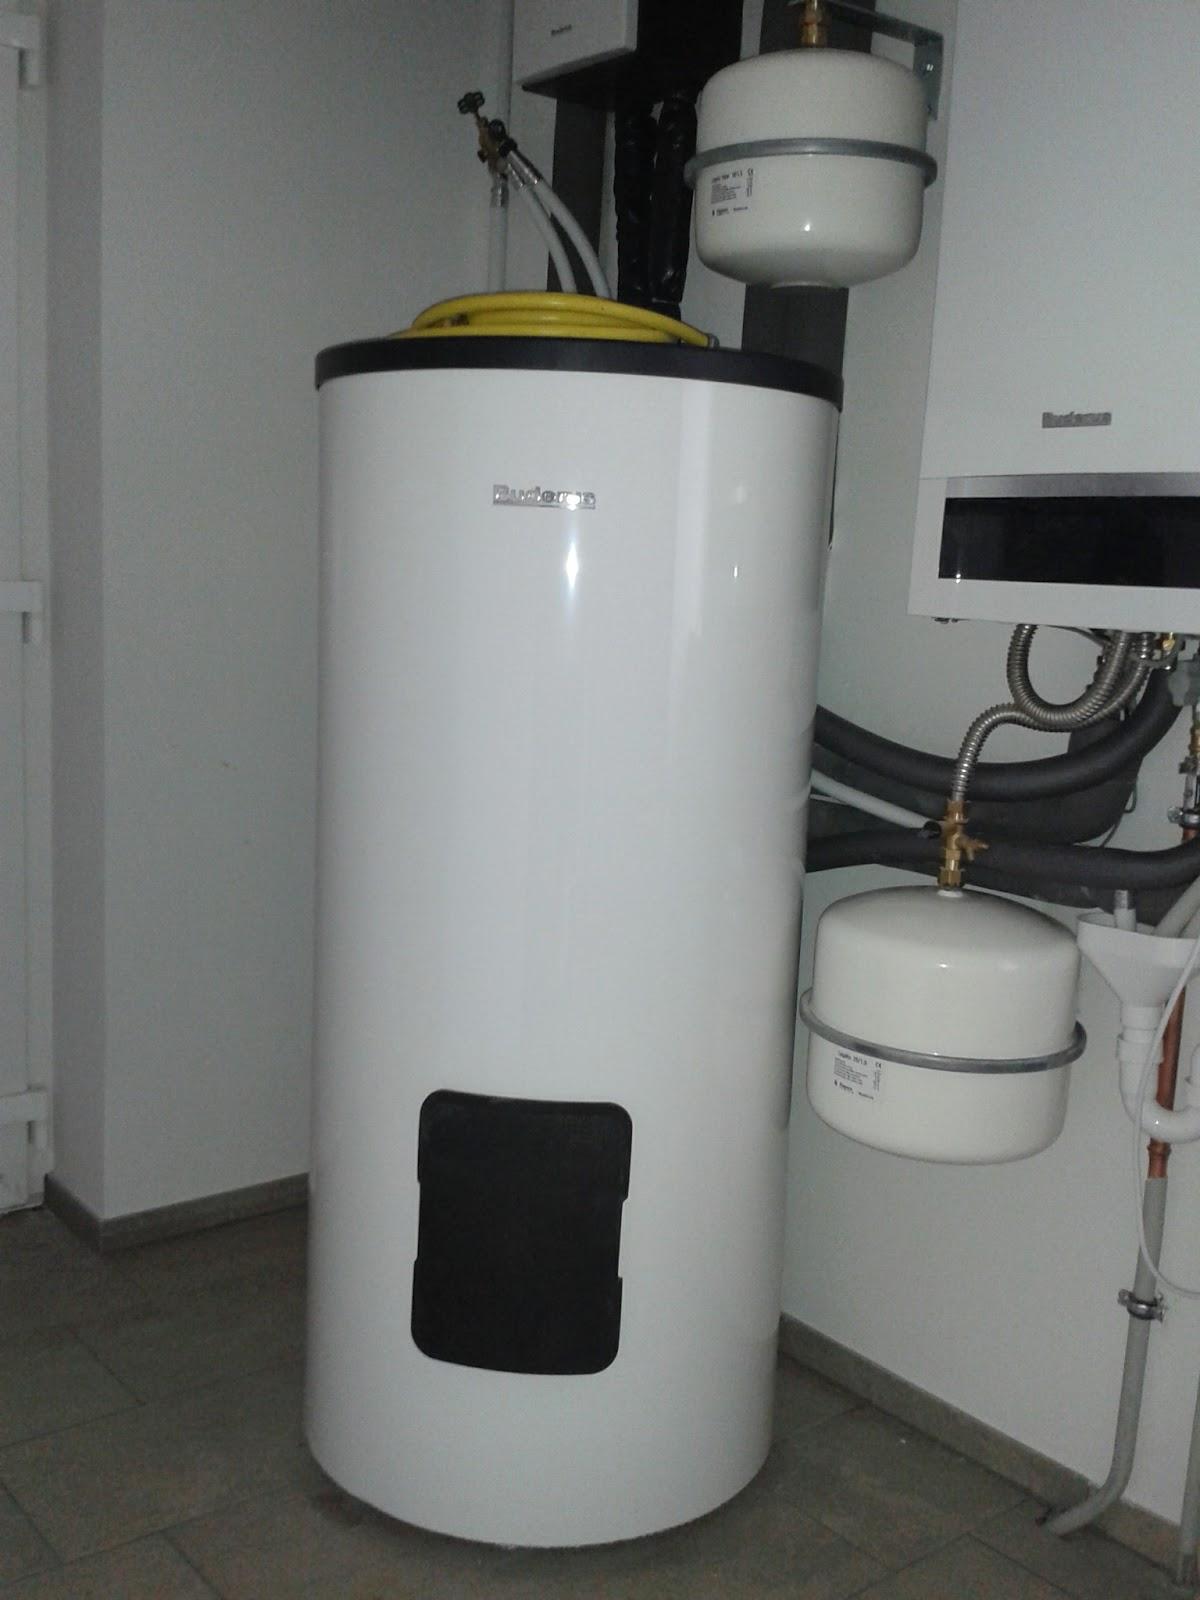 unser abenteuer hausbau 2013 2014 g ste wc h ngt und warmwasserspeicher steht. Black Bedroom Furniture Sets. Home Design Ideas